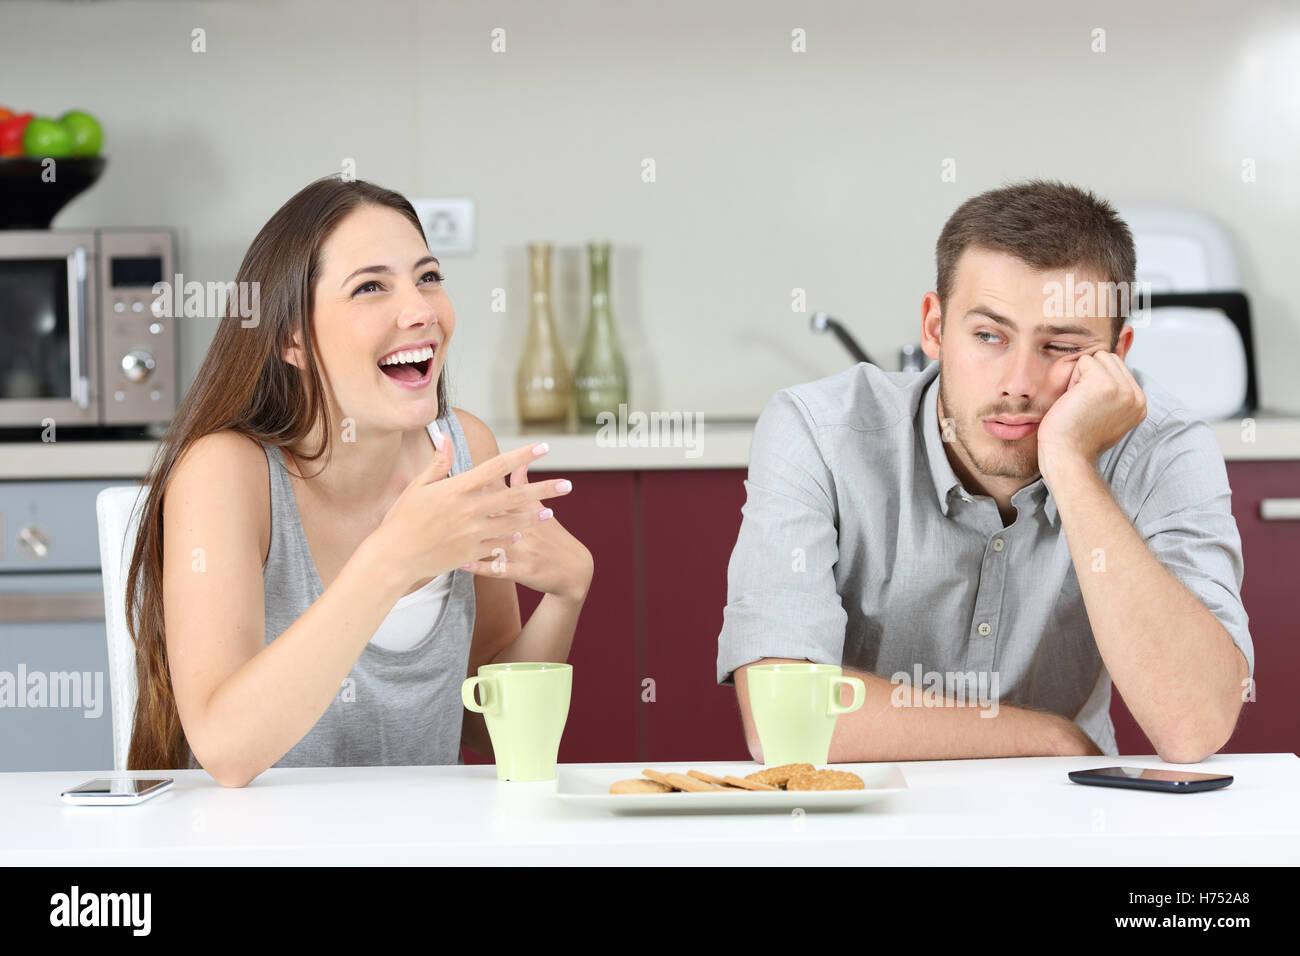 Ennuyer mari sa femme audience parler durant le petit-déjeuner dans la cuisine à la maison Photo Stock